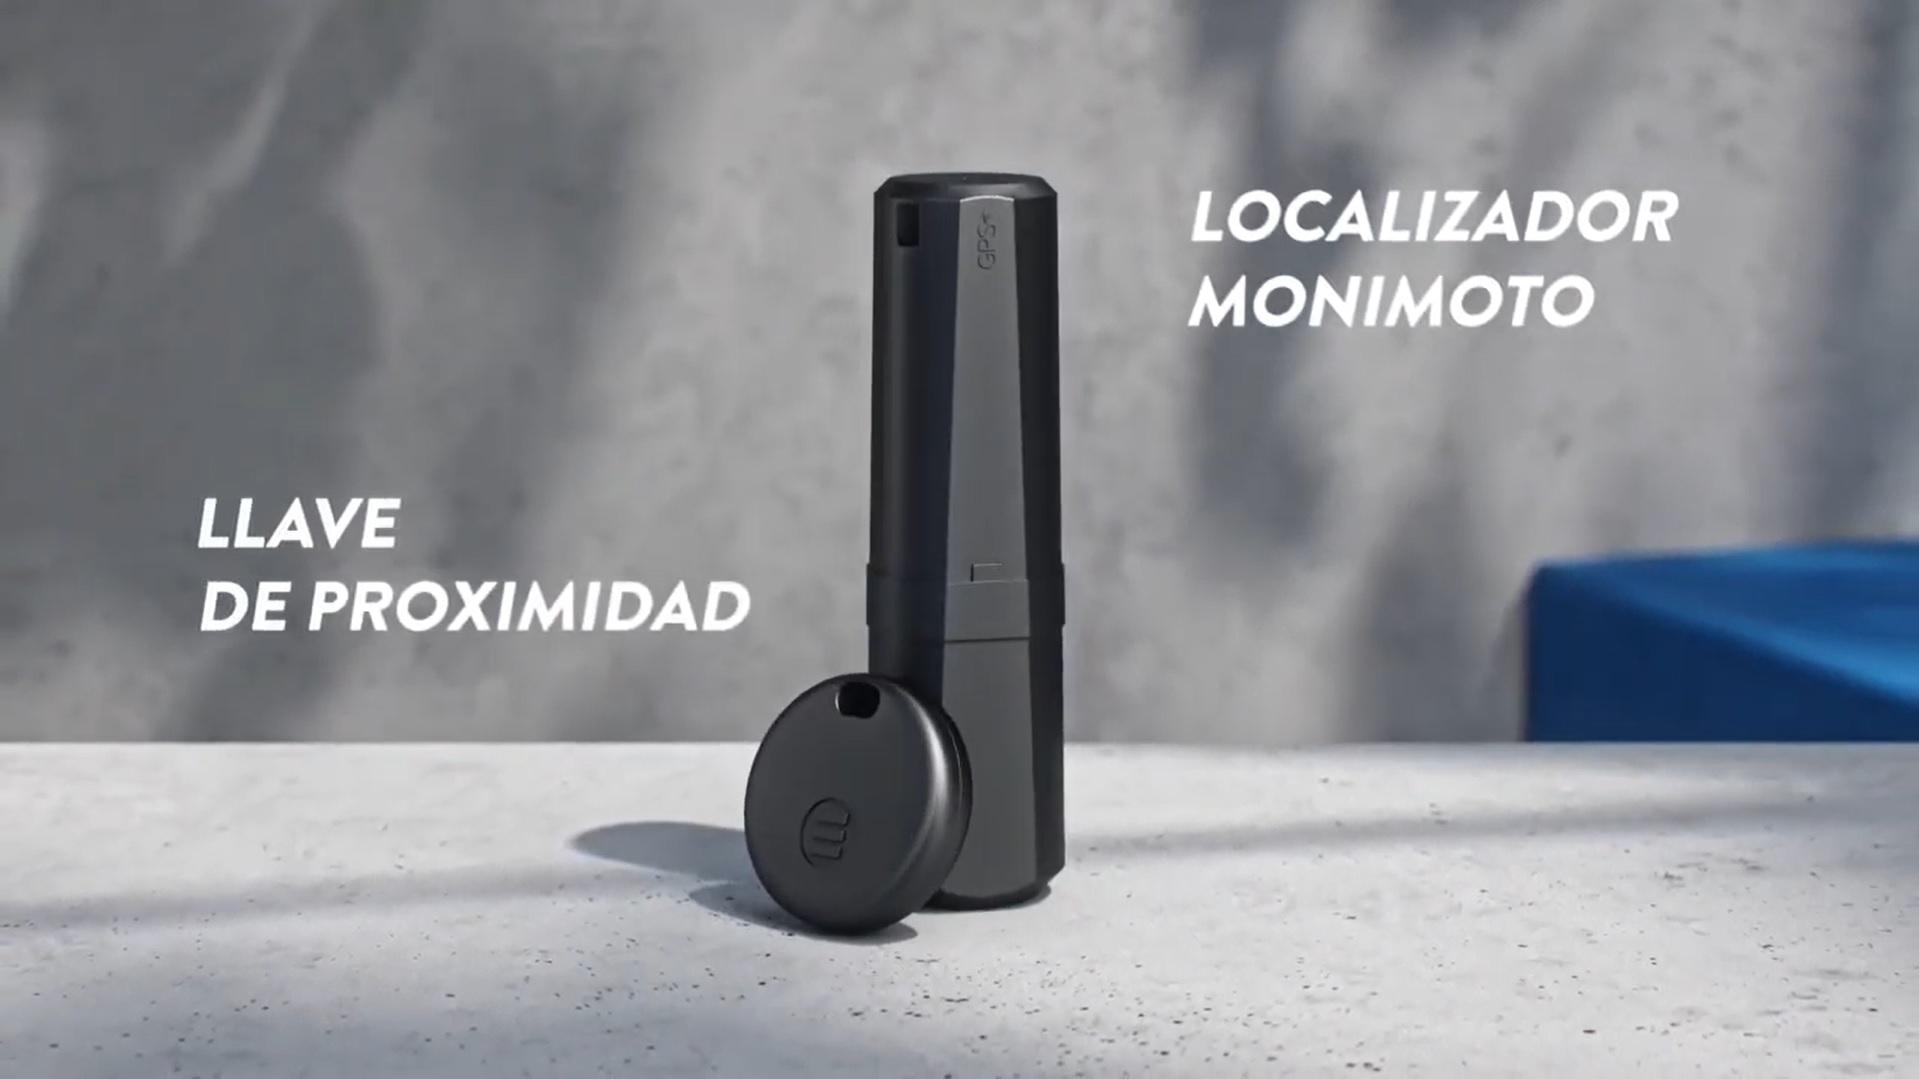 Monimoto video